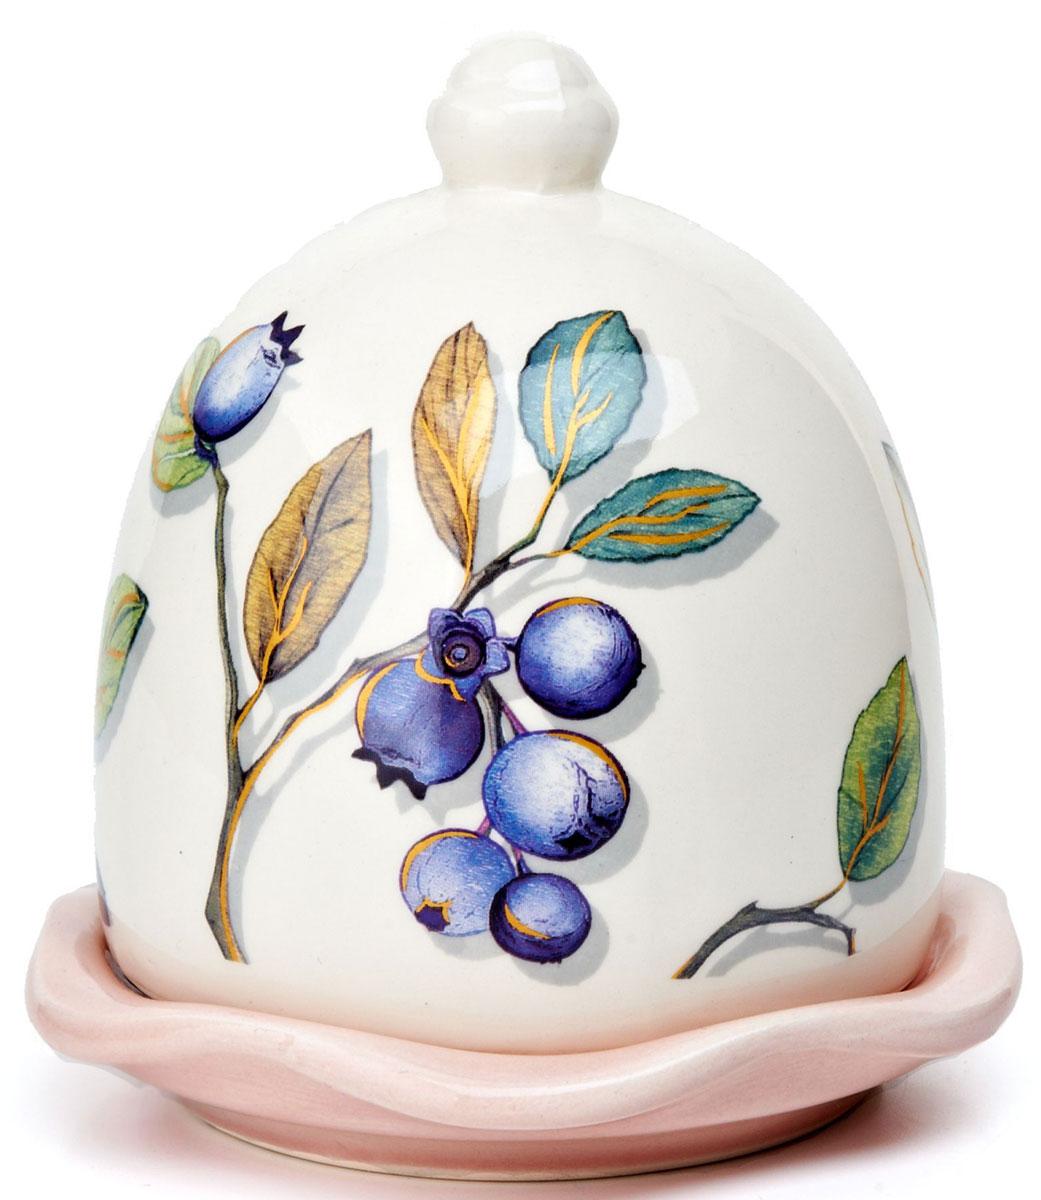 Лимонница ENS Group Botanica, 9 х 9 х 12 см. L2430674115510Лимонница Botanica выполнена из высококачественной керамики и состоит из блюдца и крышки. Изделие украшено изображением черники. Лимонница Botanica доставит истинное удовольствие ценителям прекрасного и поможет сохранить свежесть лимона на длительный срок. Яркий дизайн, несомненно, придется вам по вкусу.Не рекомендуется мыть в посудомоечной машине.